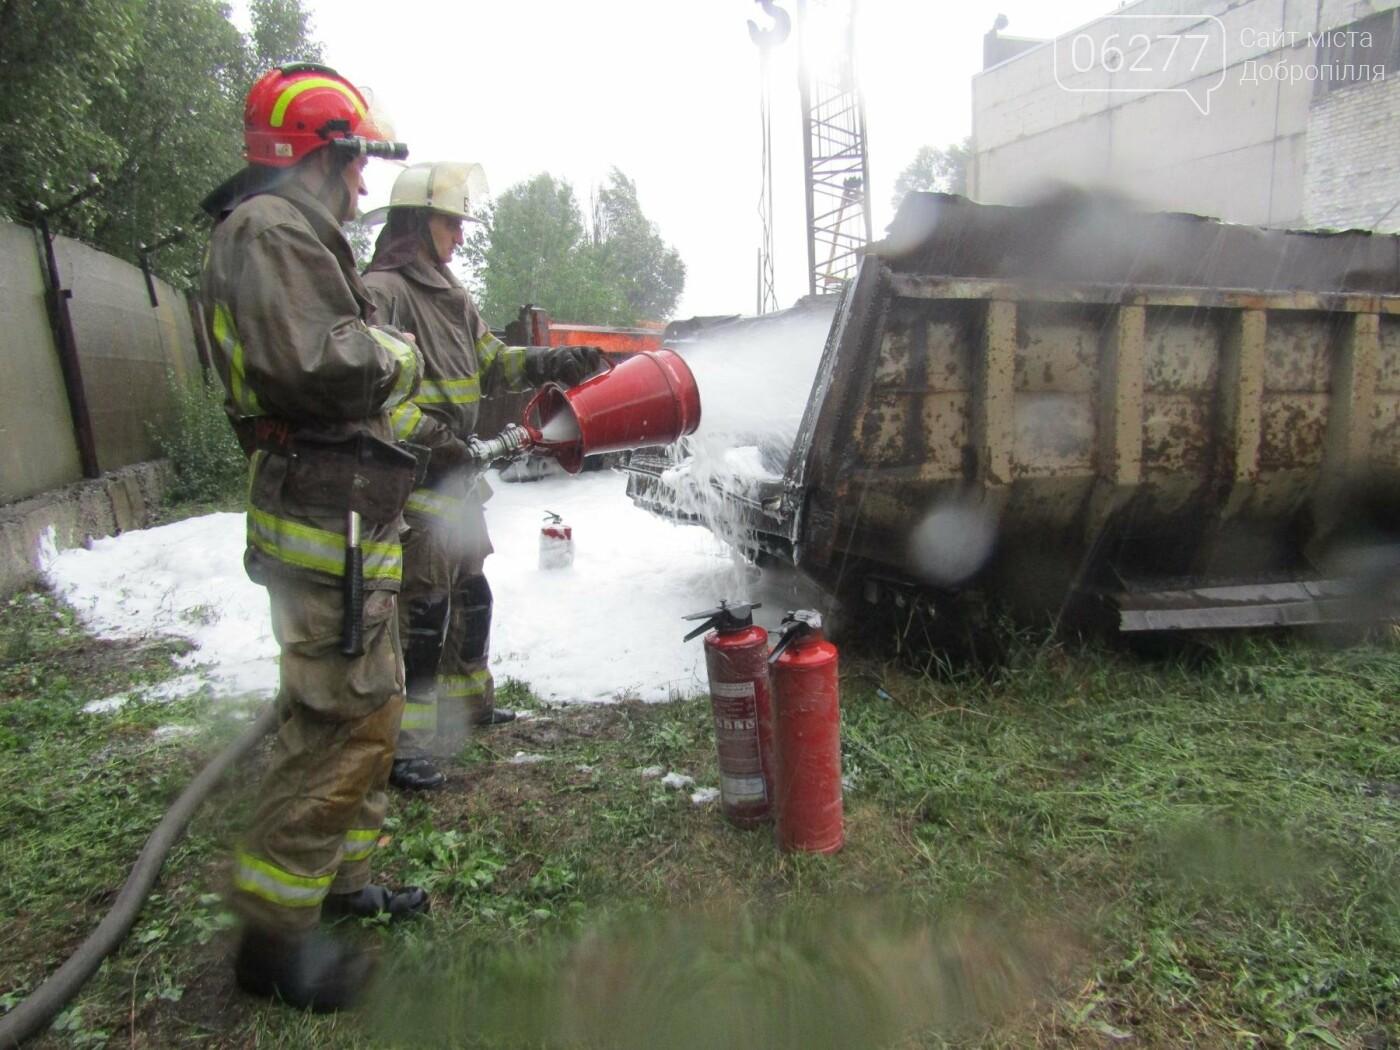 У Добропіллі рятувальники провели тактико-спеціальні навчання з ліквідації умовної пожежі, фото-3